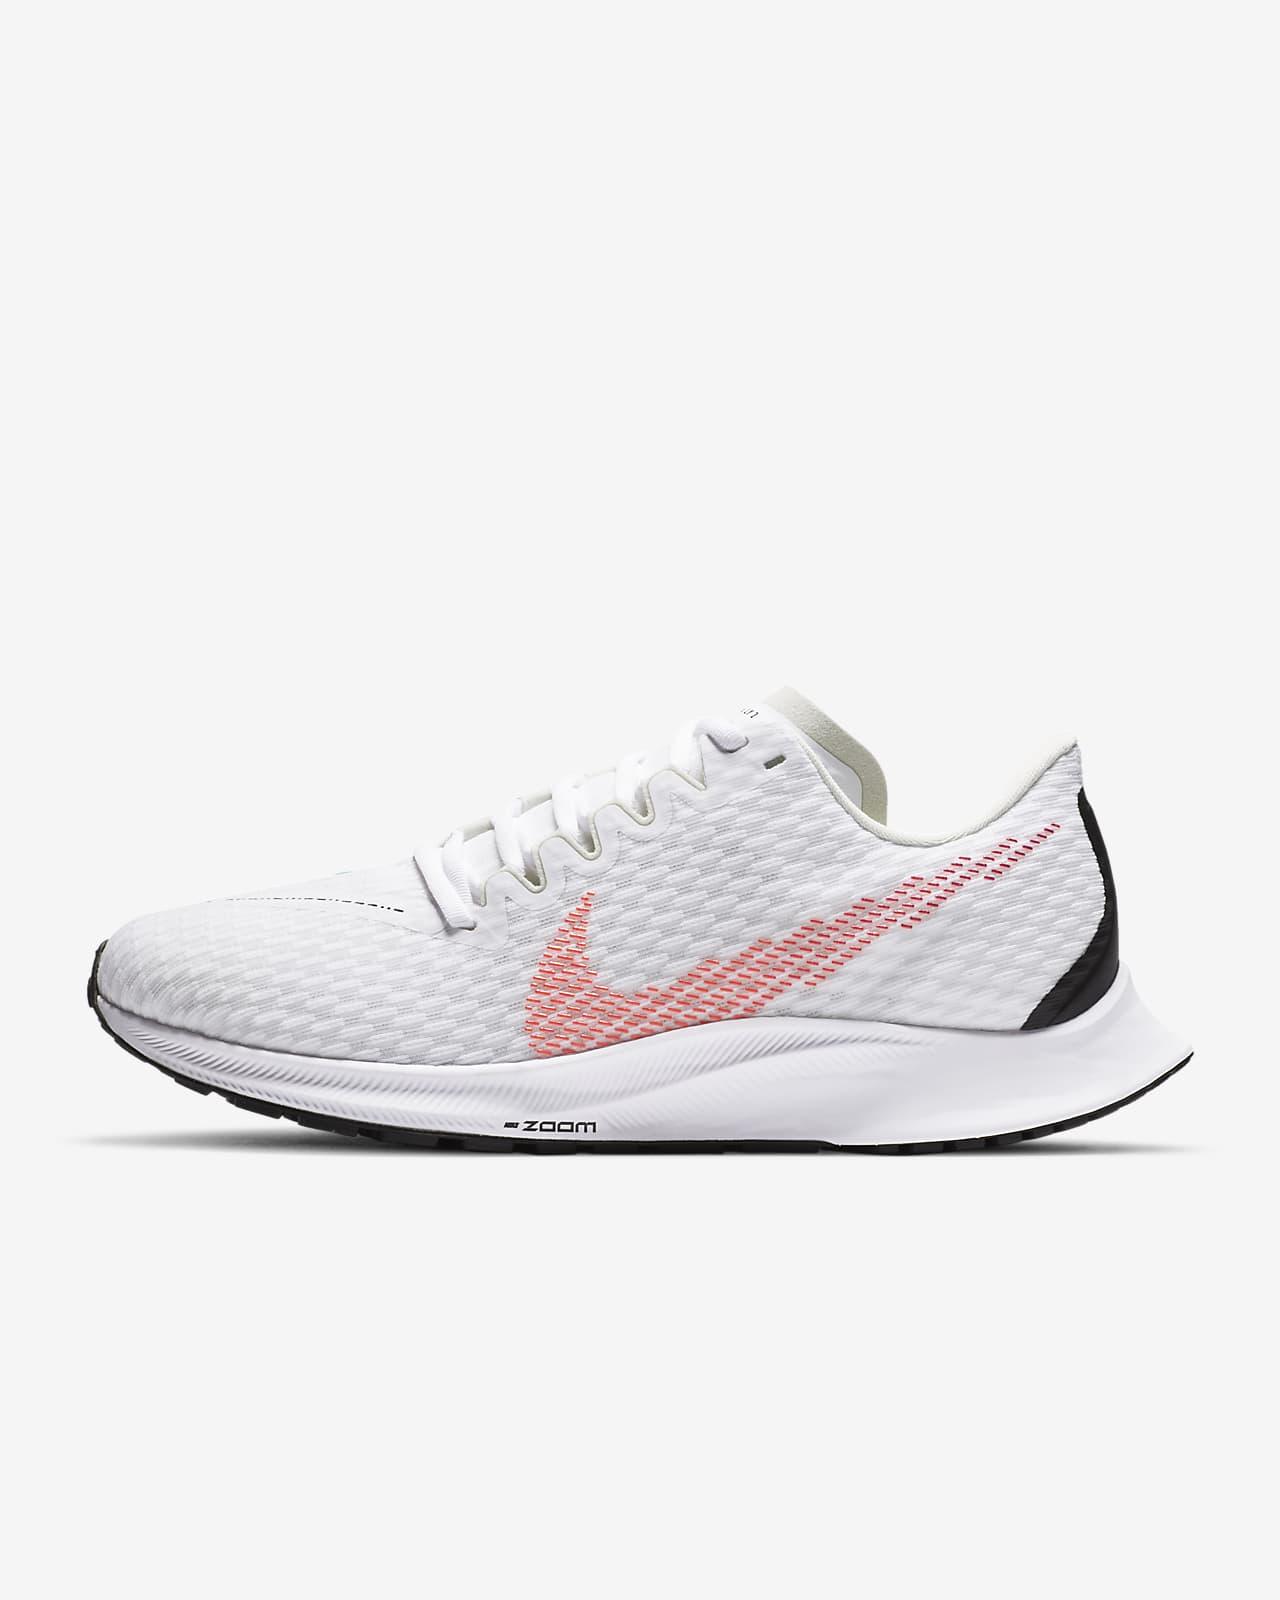 Contorno Paternal Sede  Nike Zoom Rival Fly 2 Women's Running Shoe. Nike LU